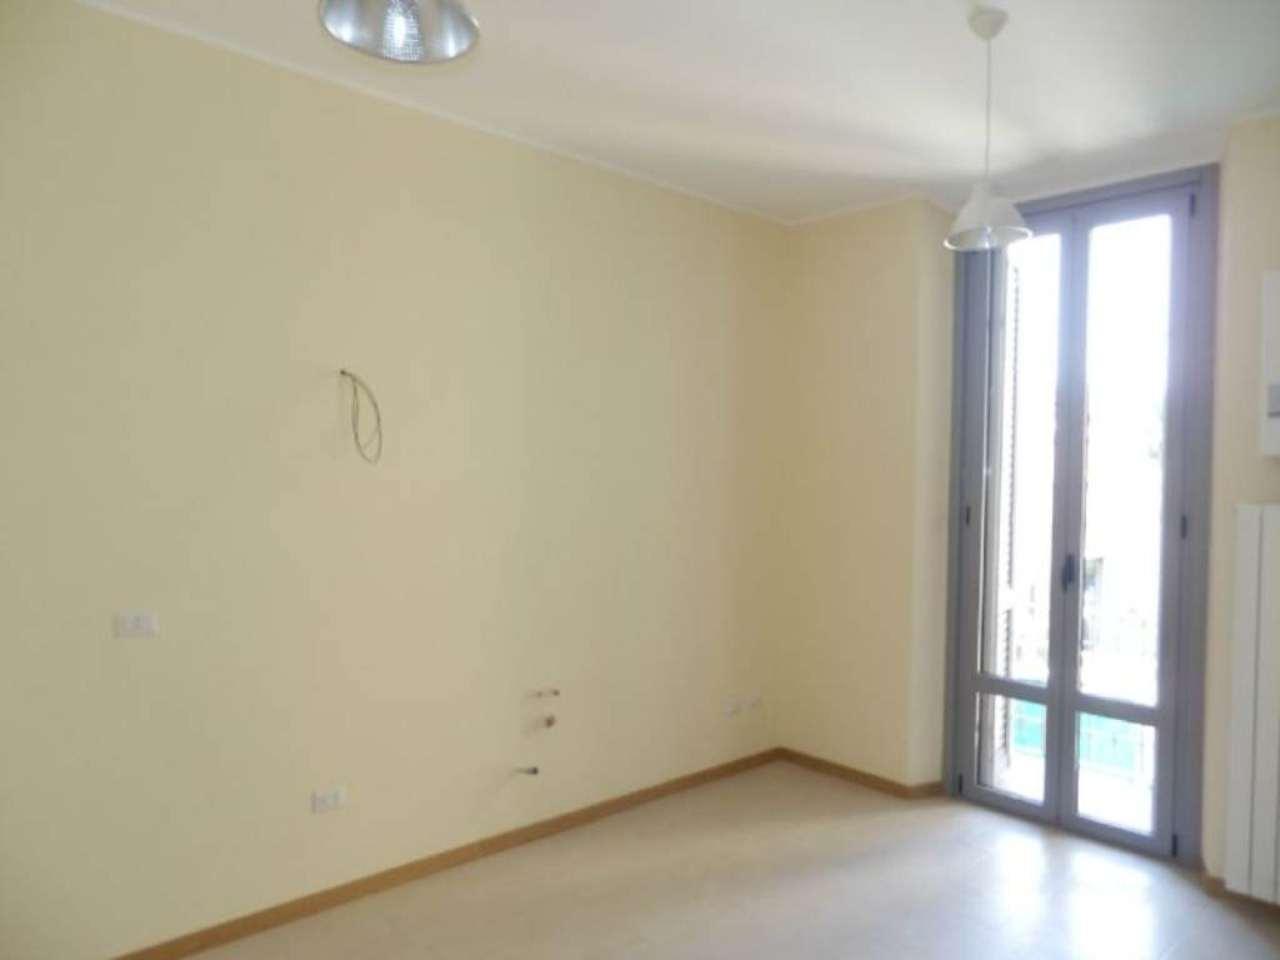 Appartamento in vendita a Milano, 2 locali, zona Zona: 17 . Quarto Oggiaro, Villapizzone, Certosa, Vialba, prezzo € 109.000 | Cambio Casa.it